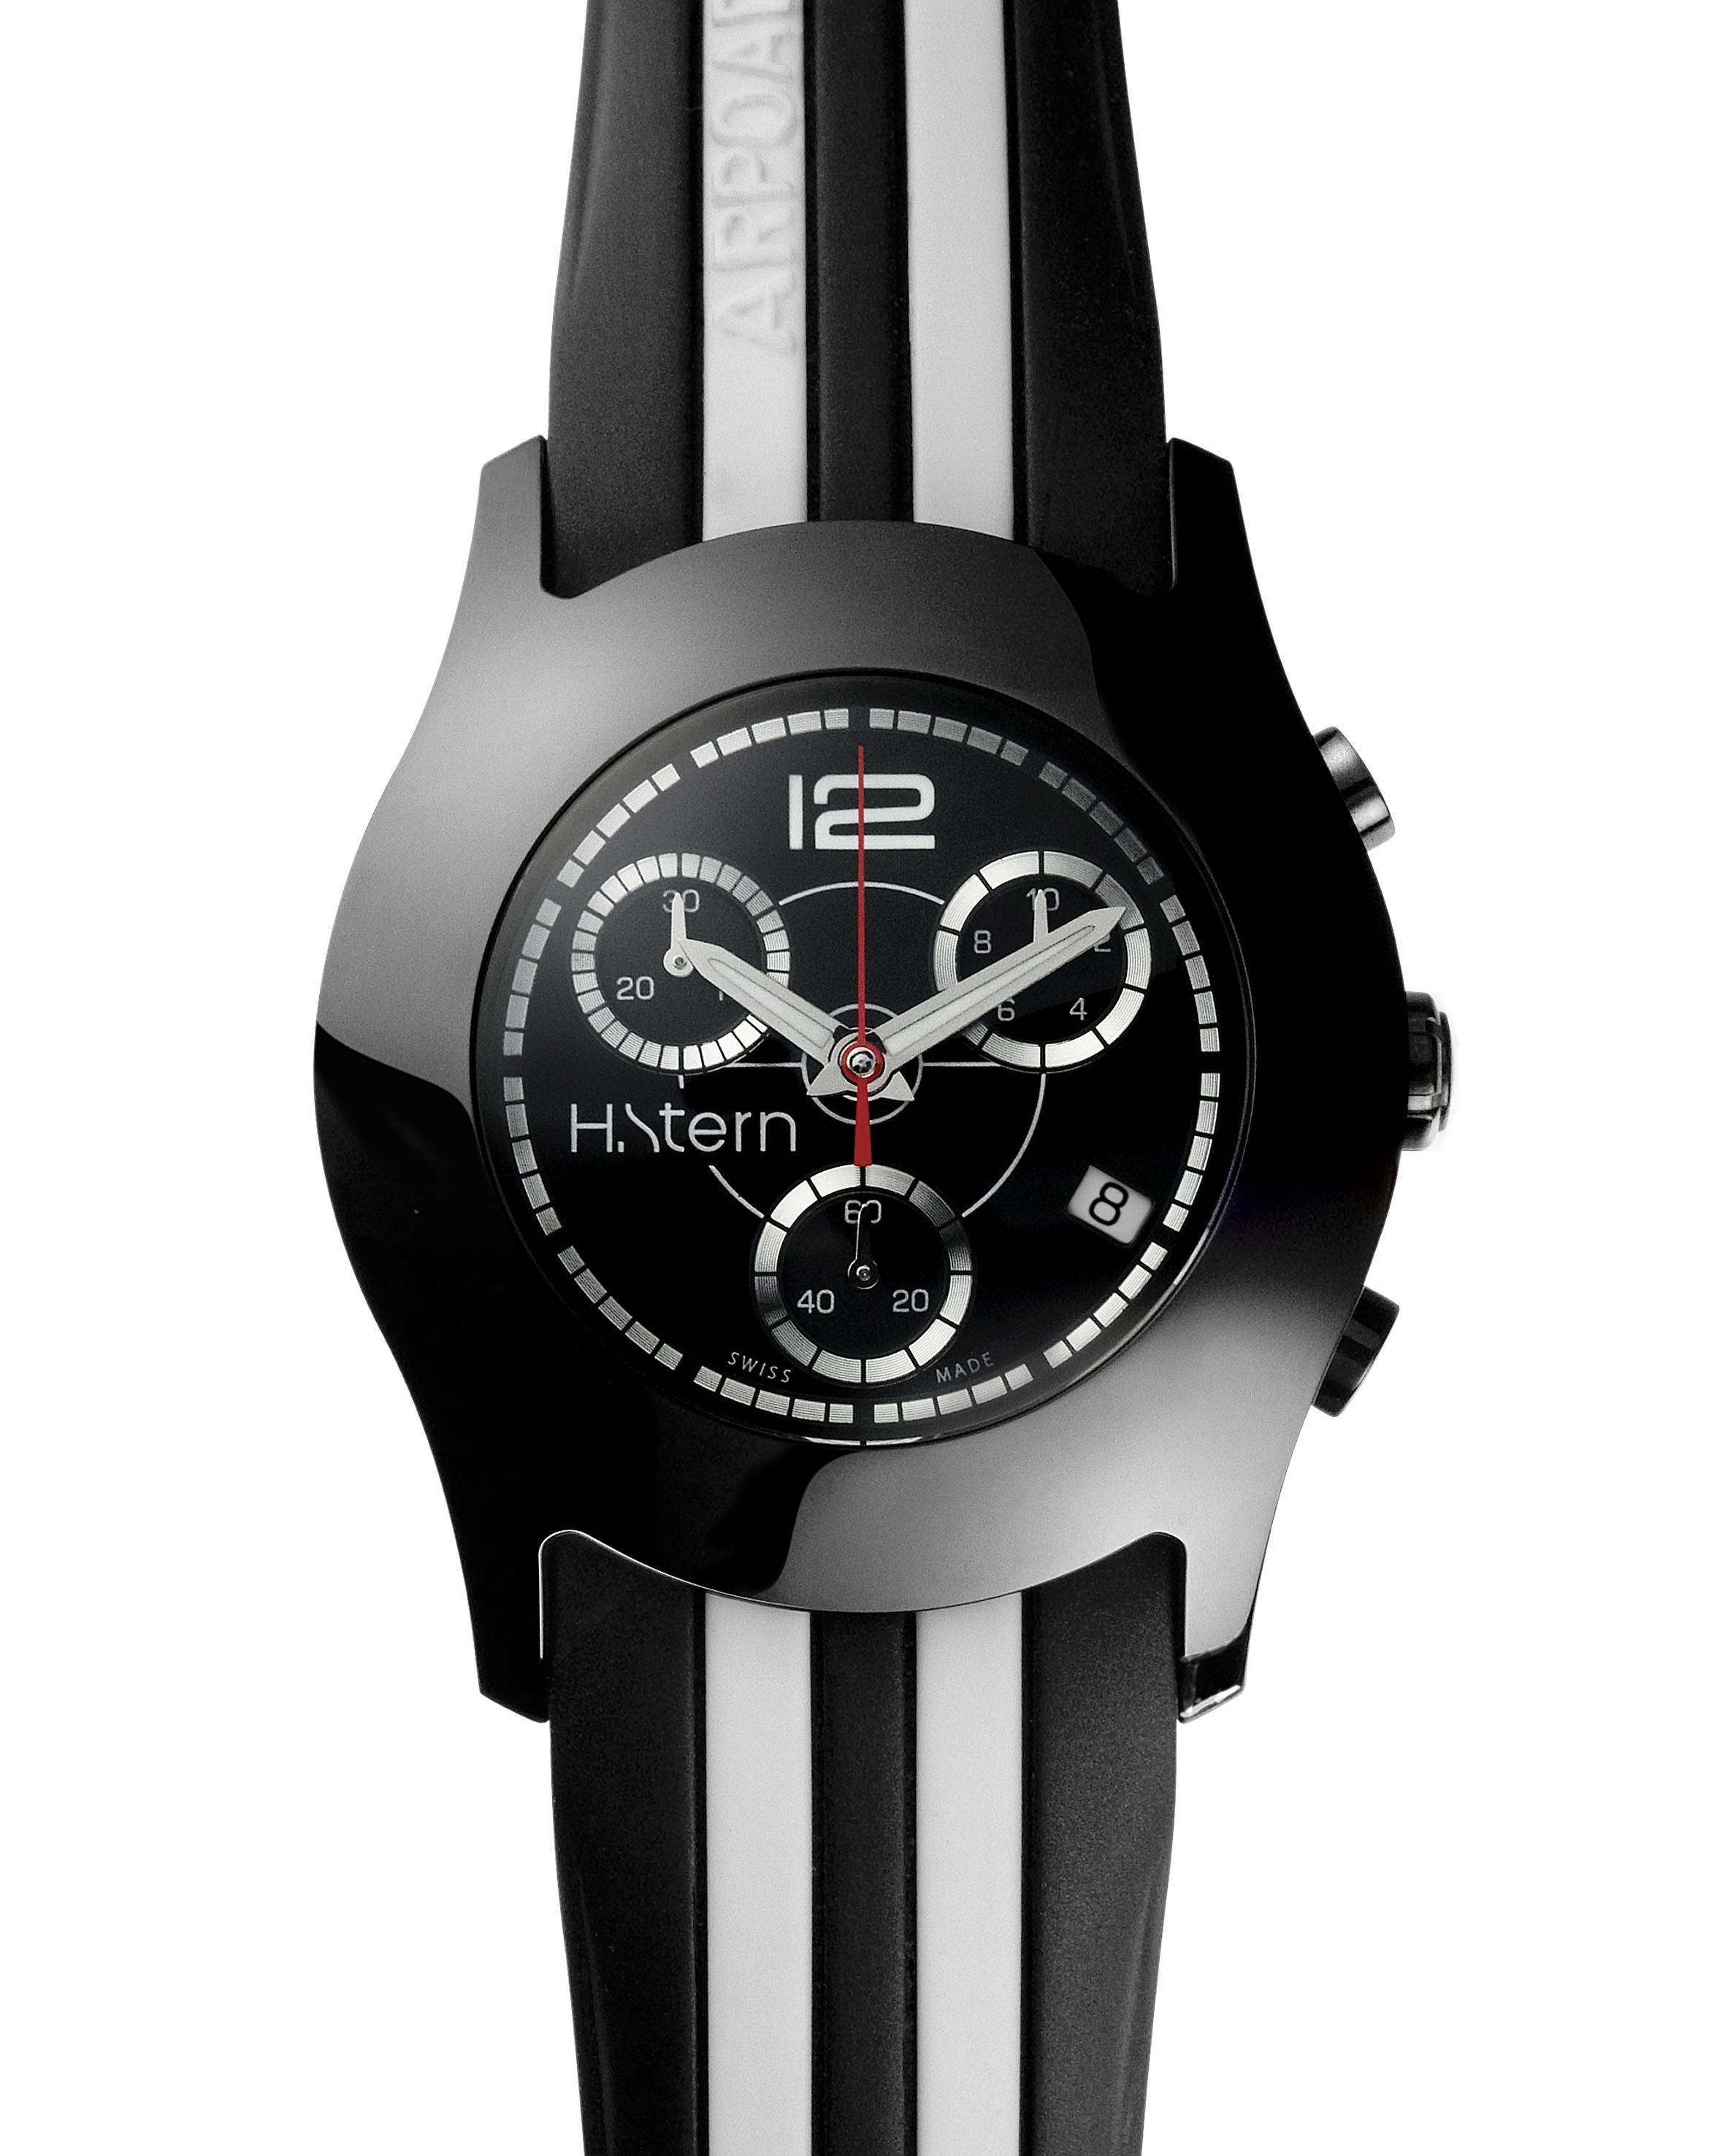 ea75d7ec003 H.STERN apresenta seleção exclusiva de relógios para o Dia dos Pais ...